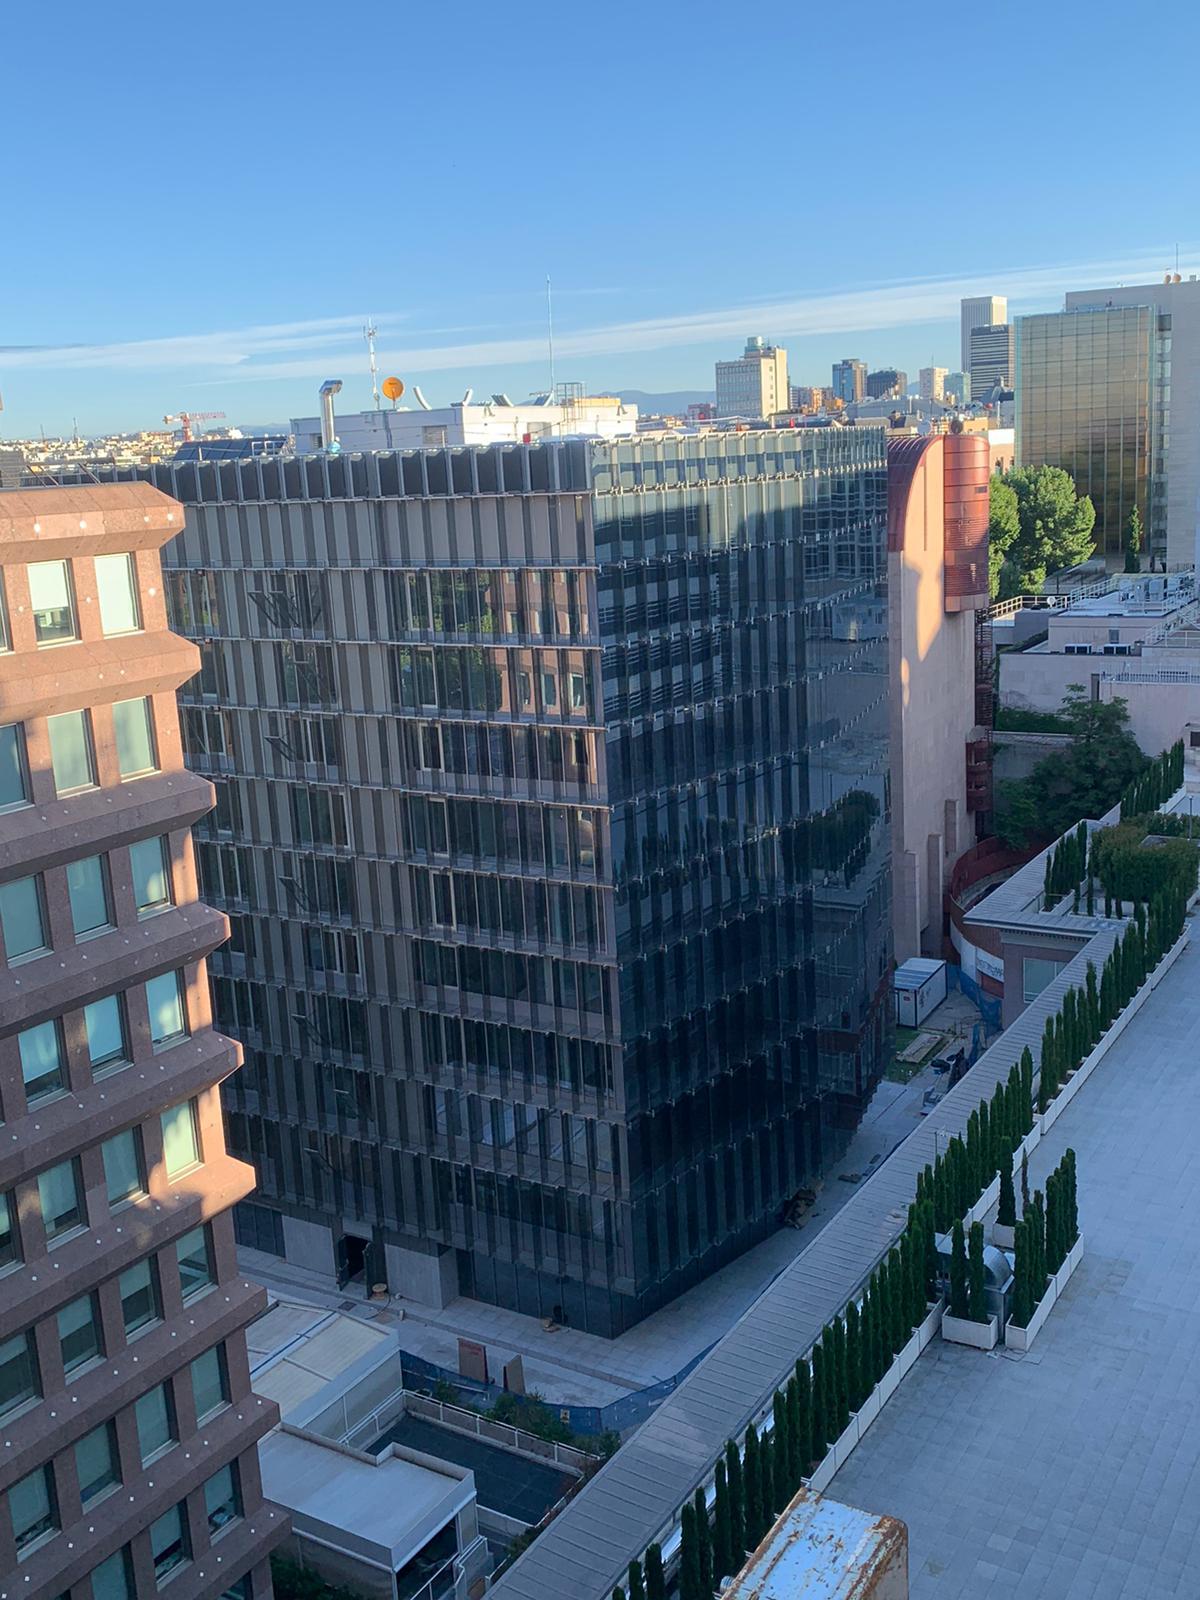 Rehabilitación de la fachada del Edificio del Consorcio de Compensación de Seguros situado en Paseo de la Castellana 44